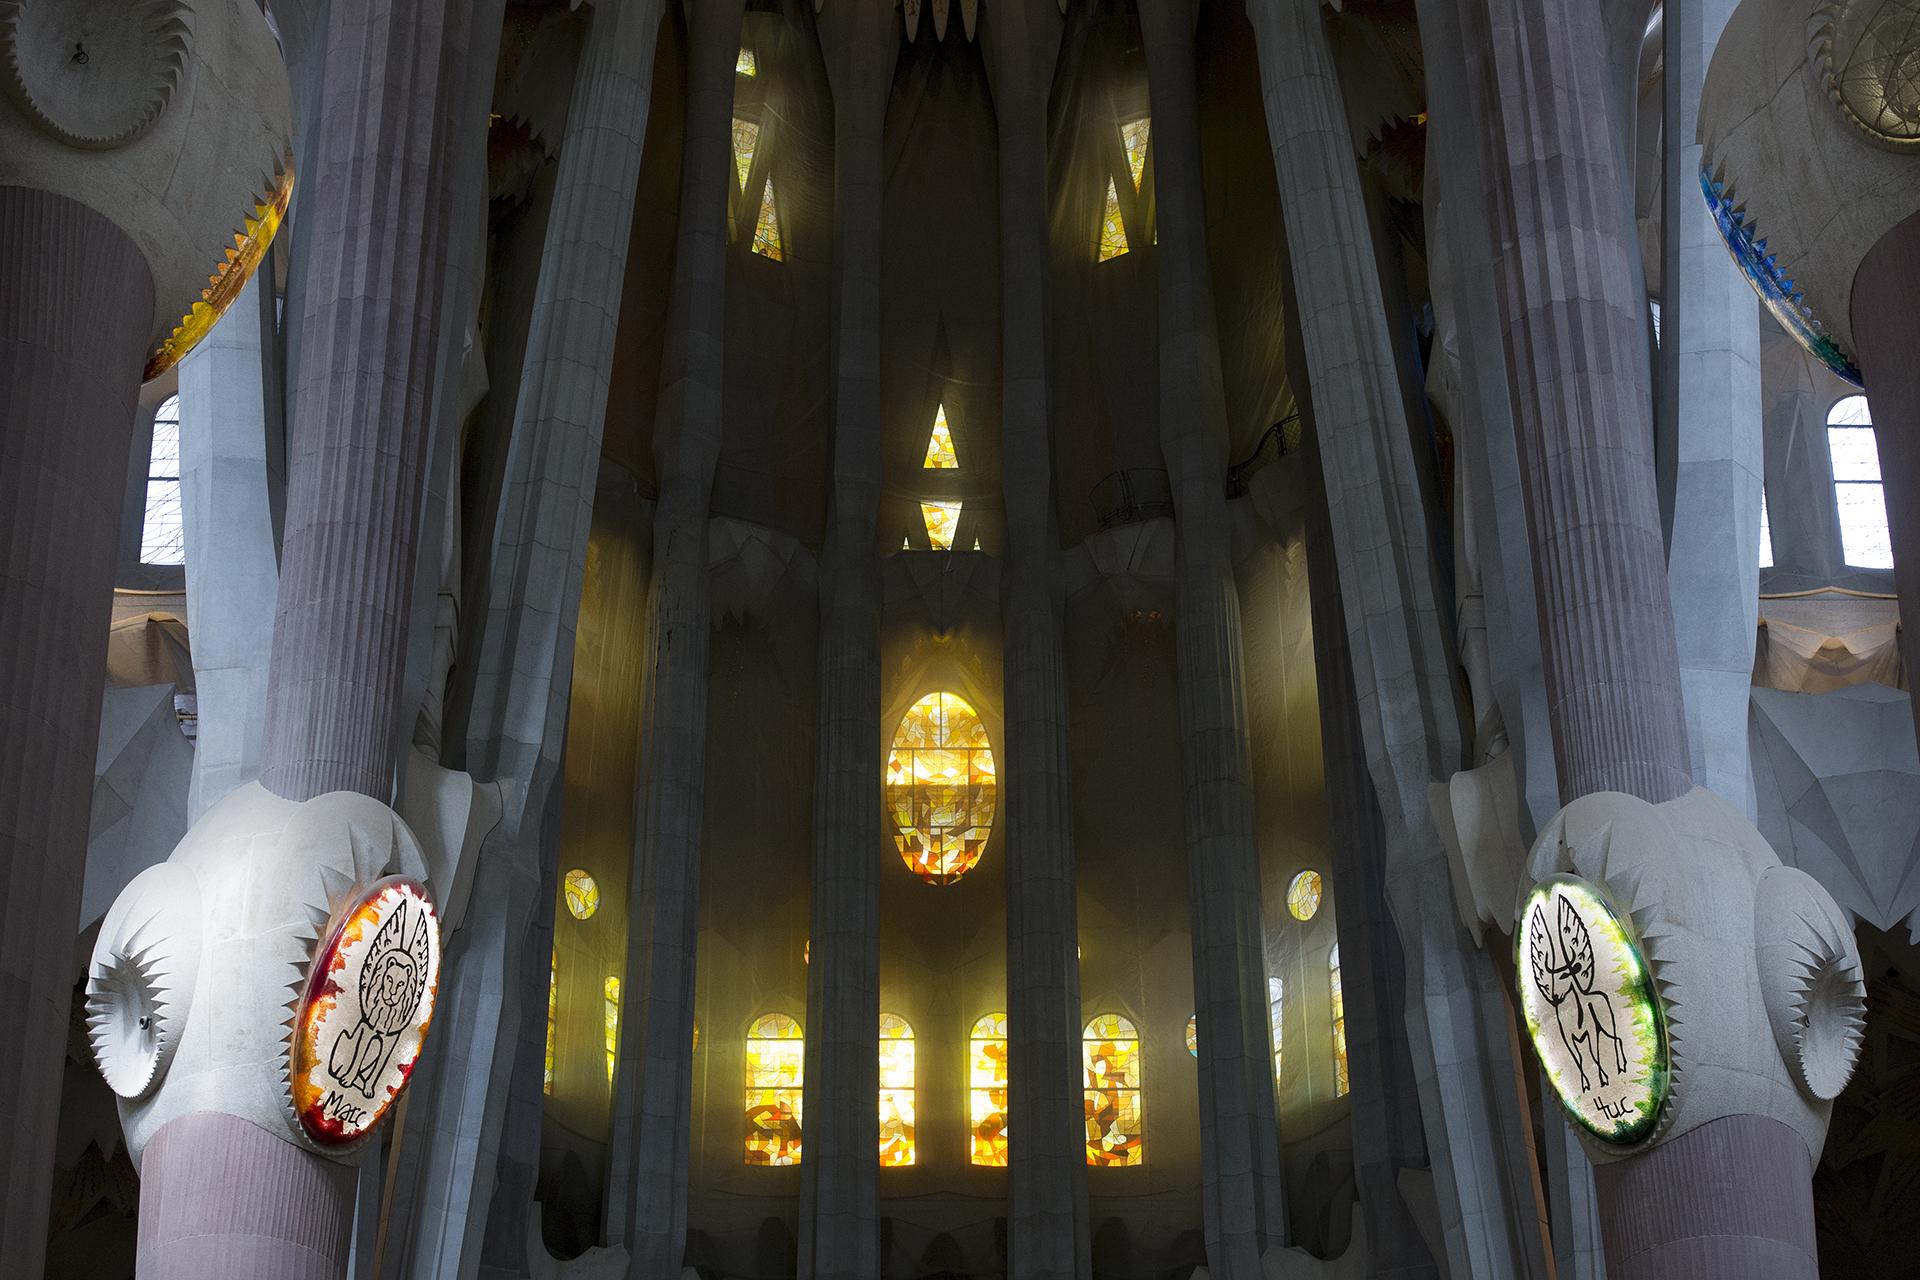 Detalle del interior de la nave principal, donde las columnas representan árboles con sus ramas